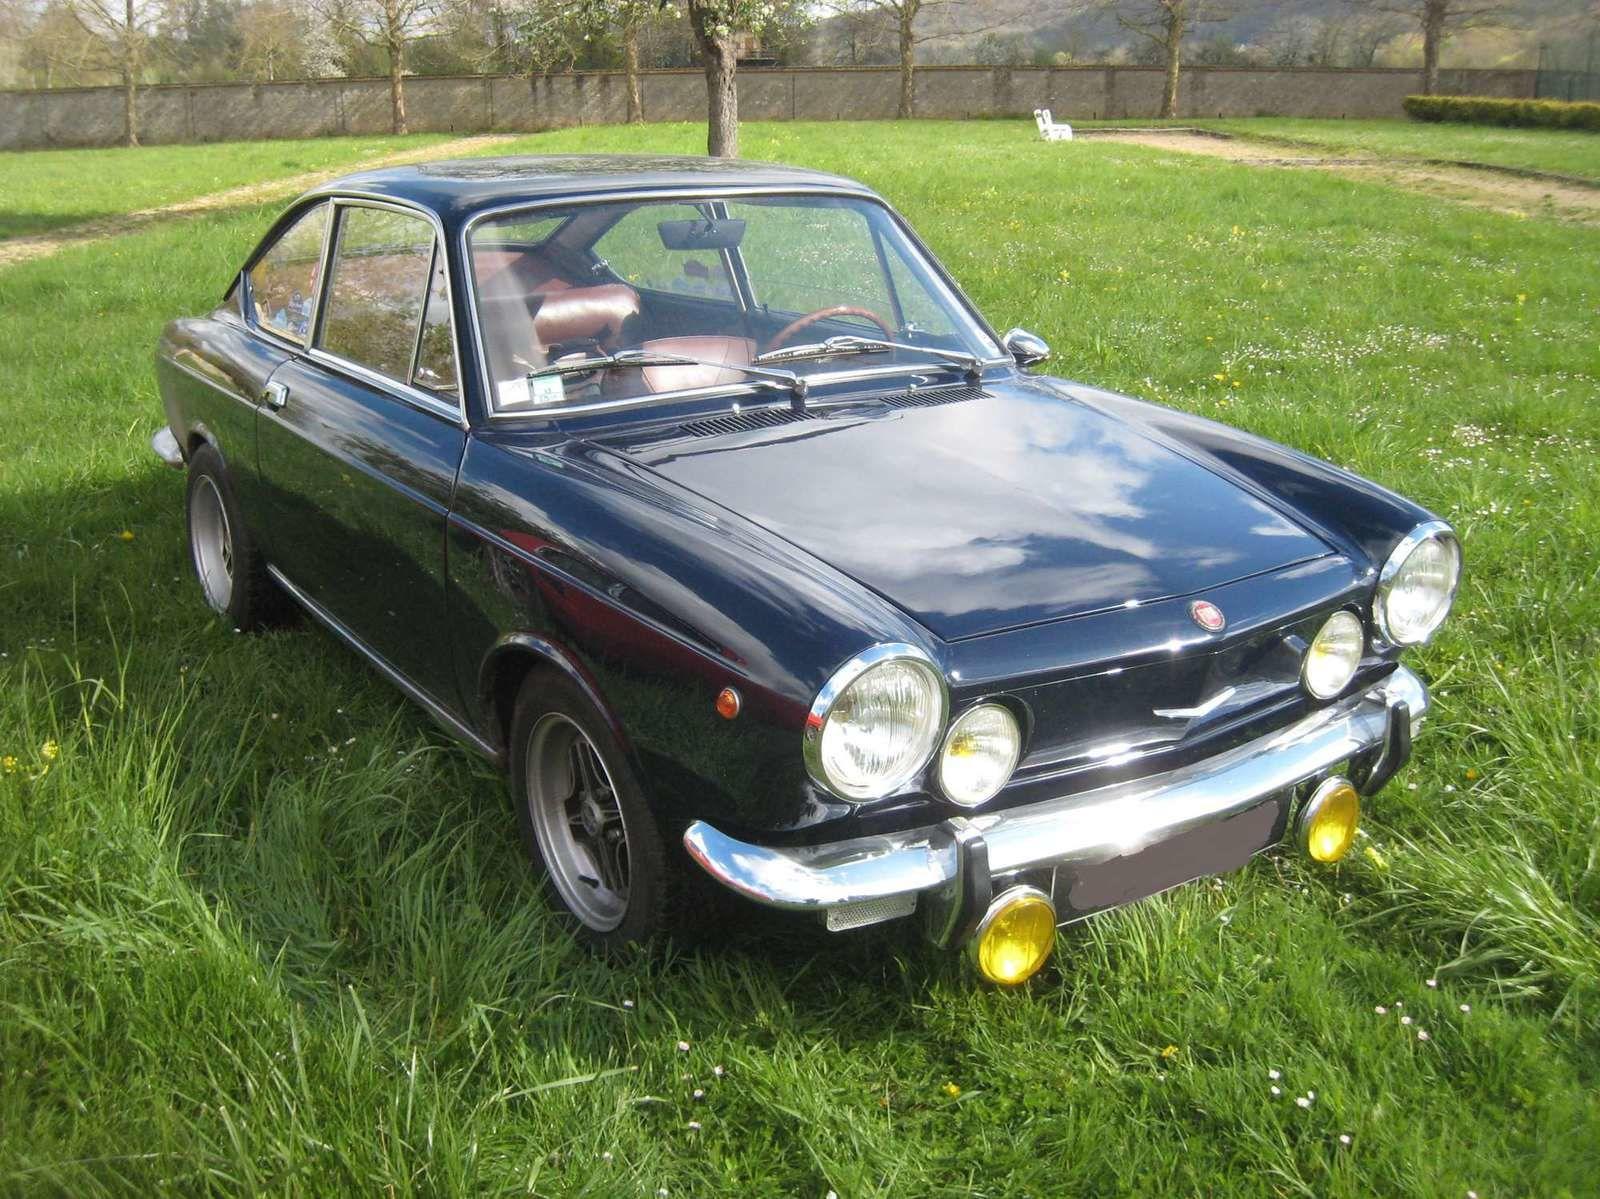 La Fiat 850 coupé de Loïc . Ça me rappelle ma jeunesse ...